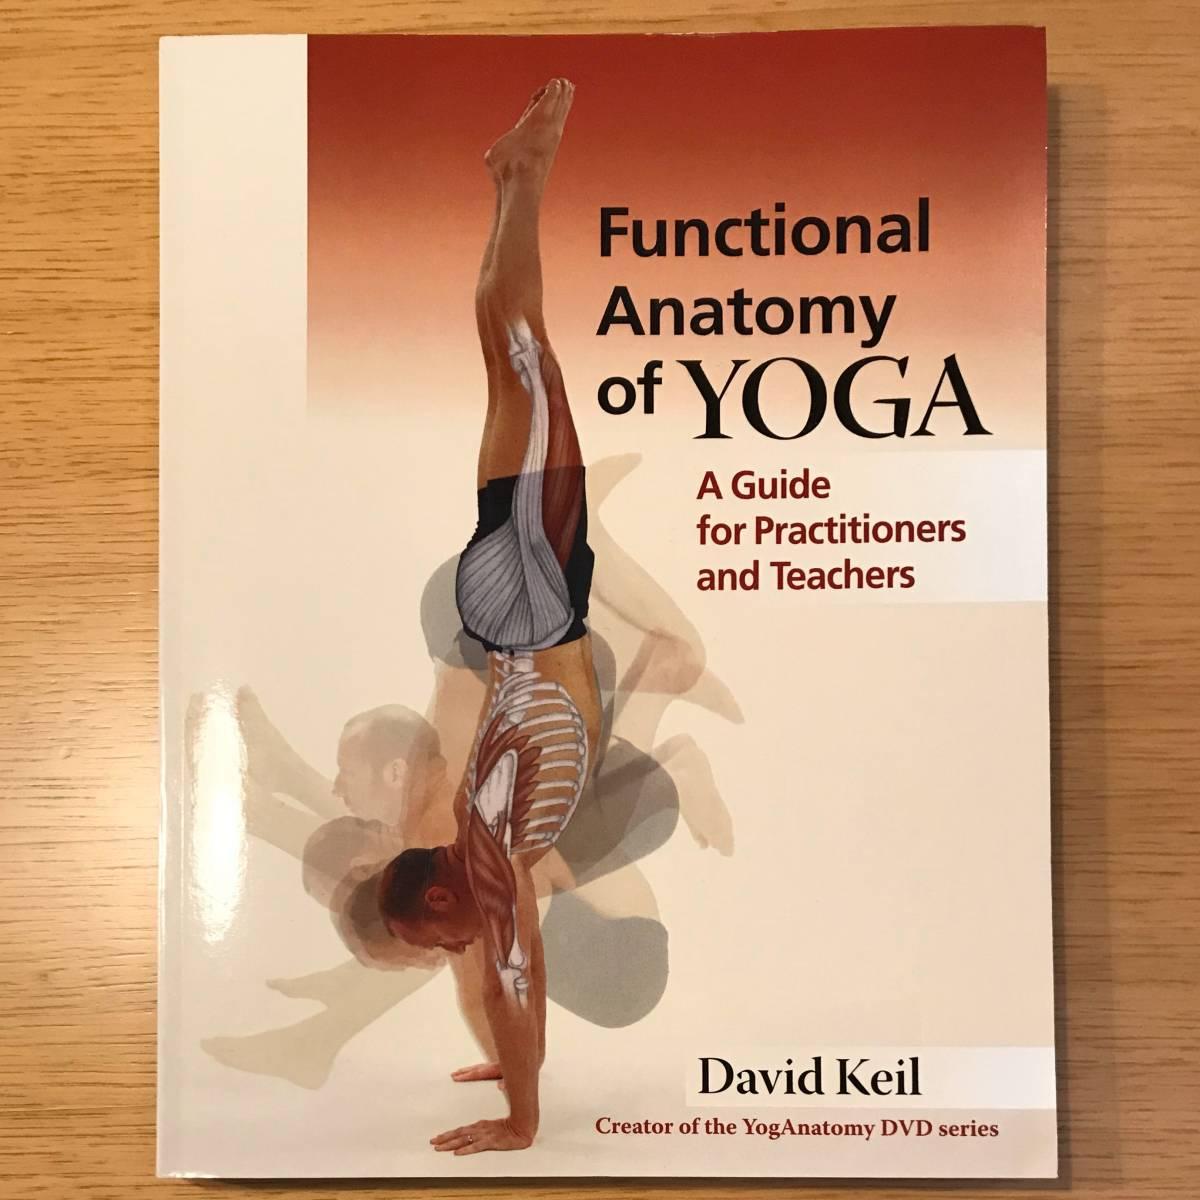 [洋書] 送料無料 Functional Anatomy of Yoga A Guide for Practitioners and Teachers, David Keil ハタヨガ アシュタンガヨガ 機能解剖学